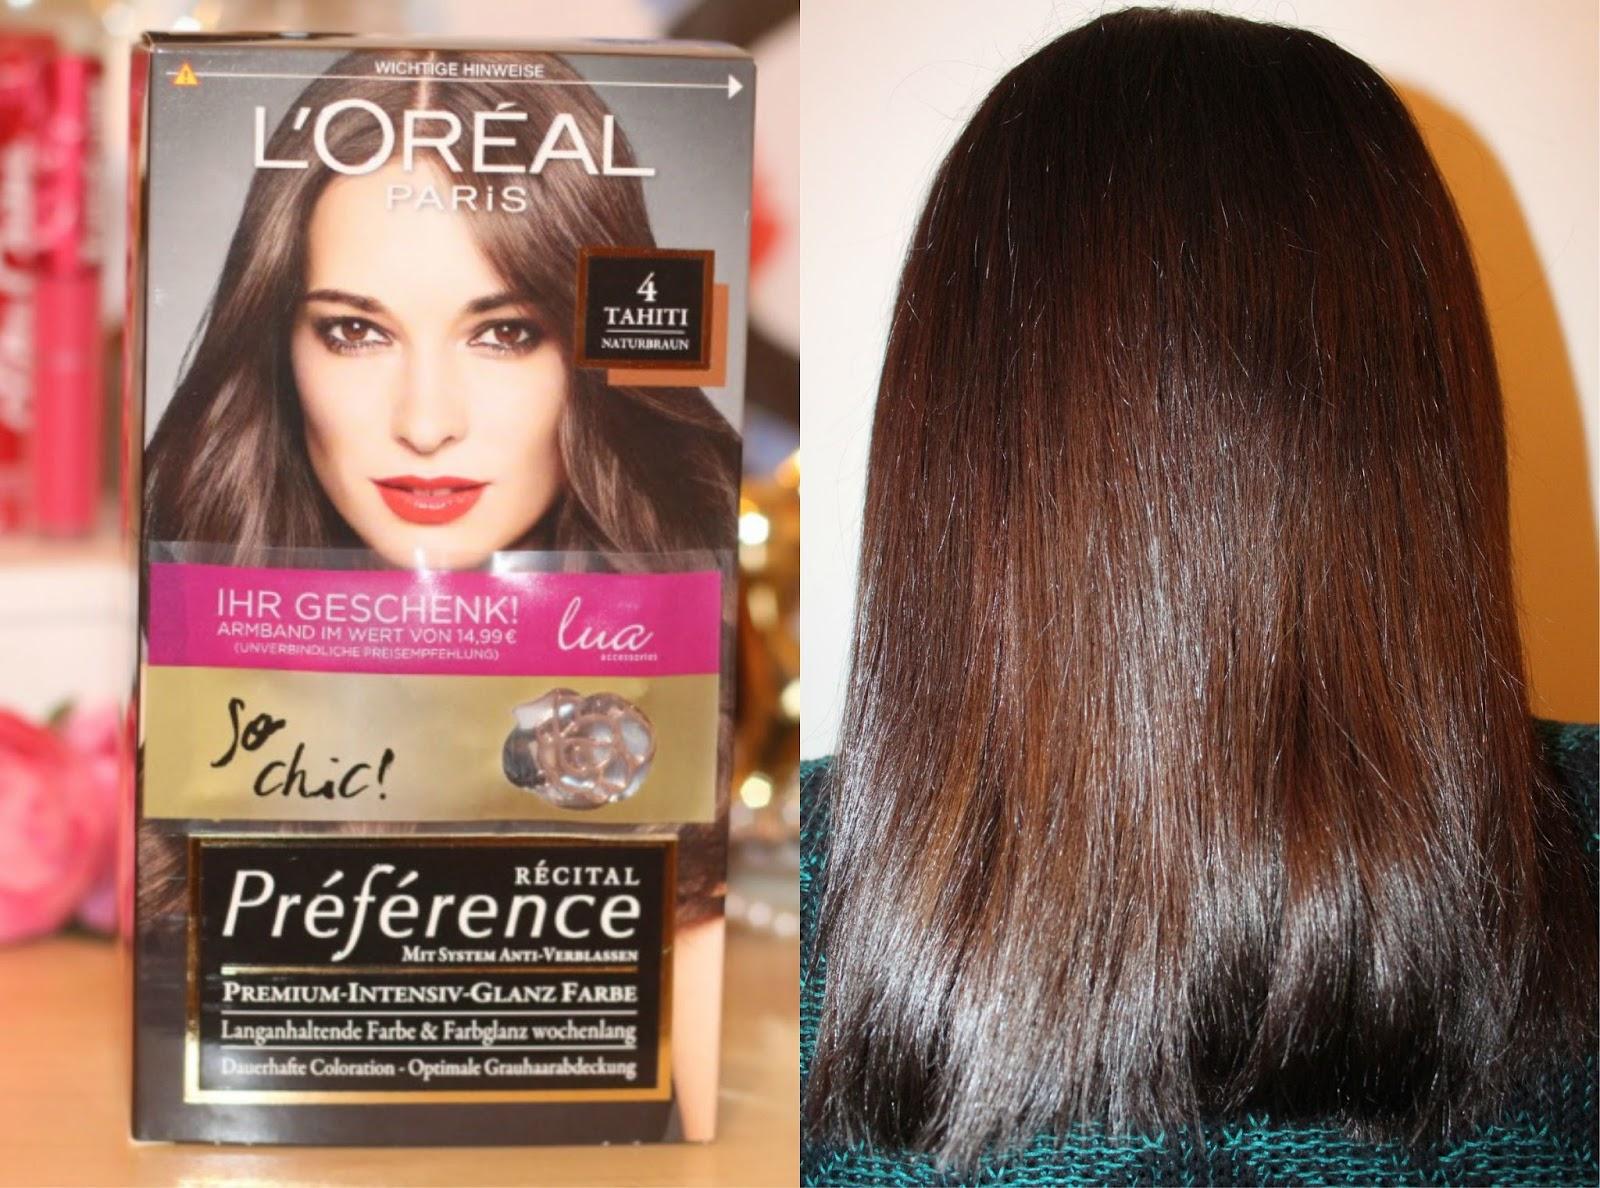 Welche haarfarbe von loreal ist gut